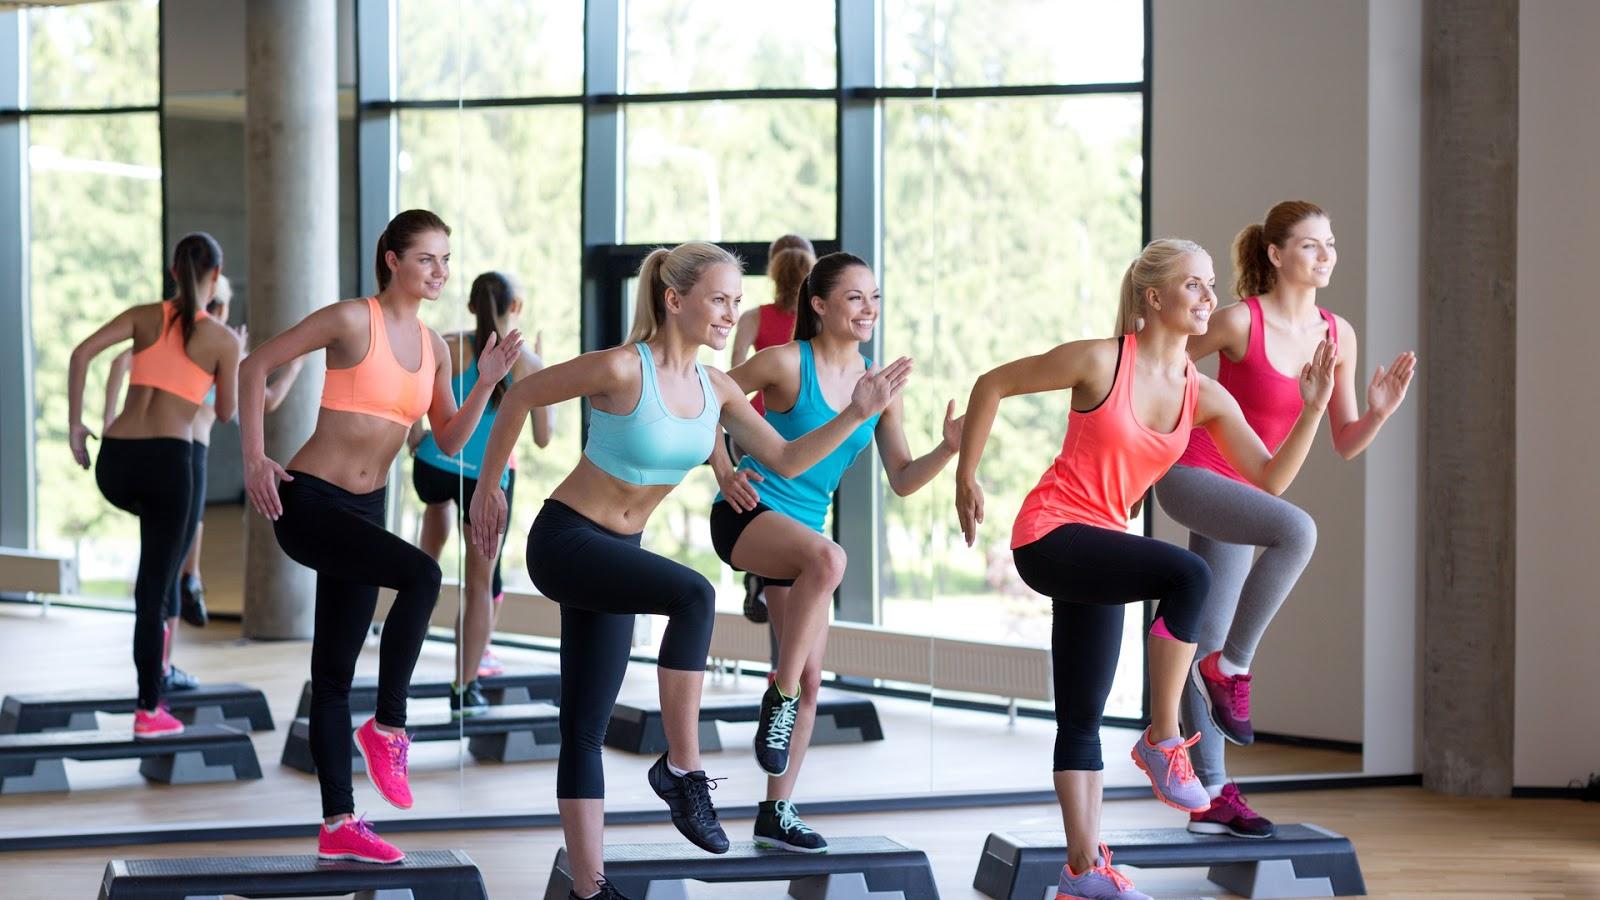 Nâng cao đùi giúp giảm mỡ bụng